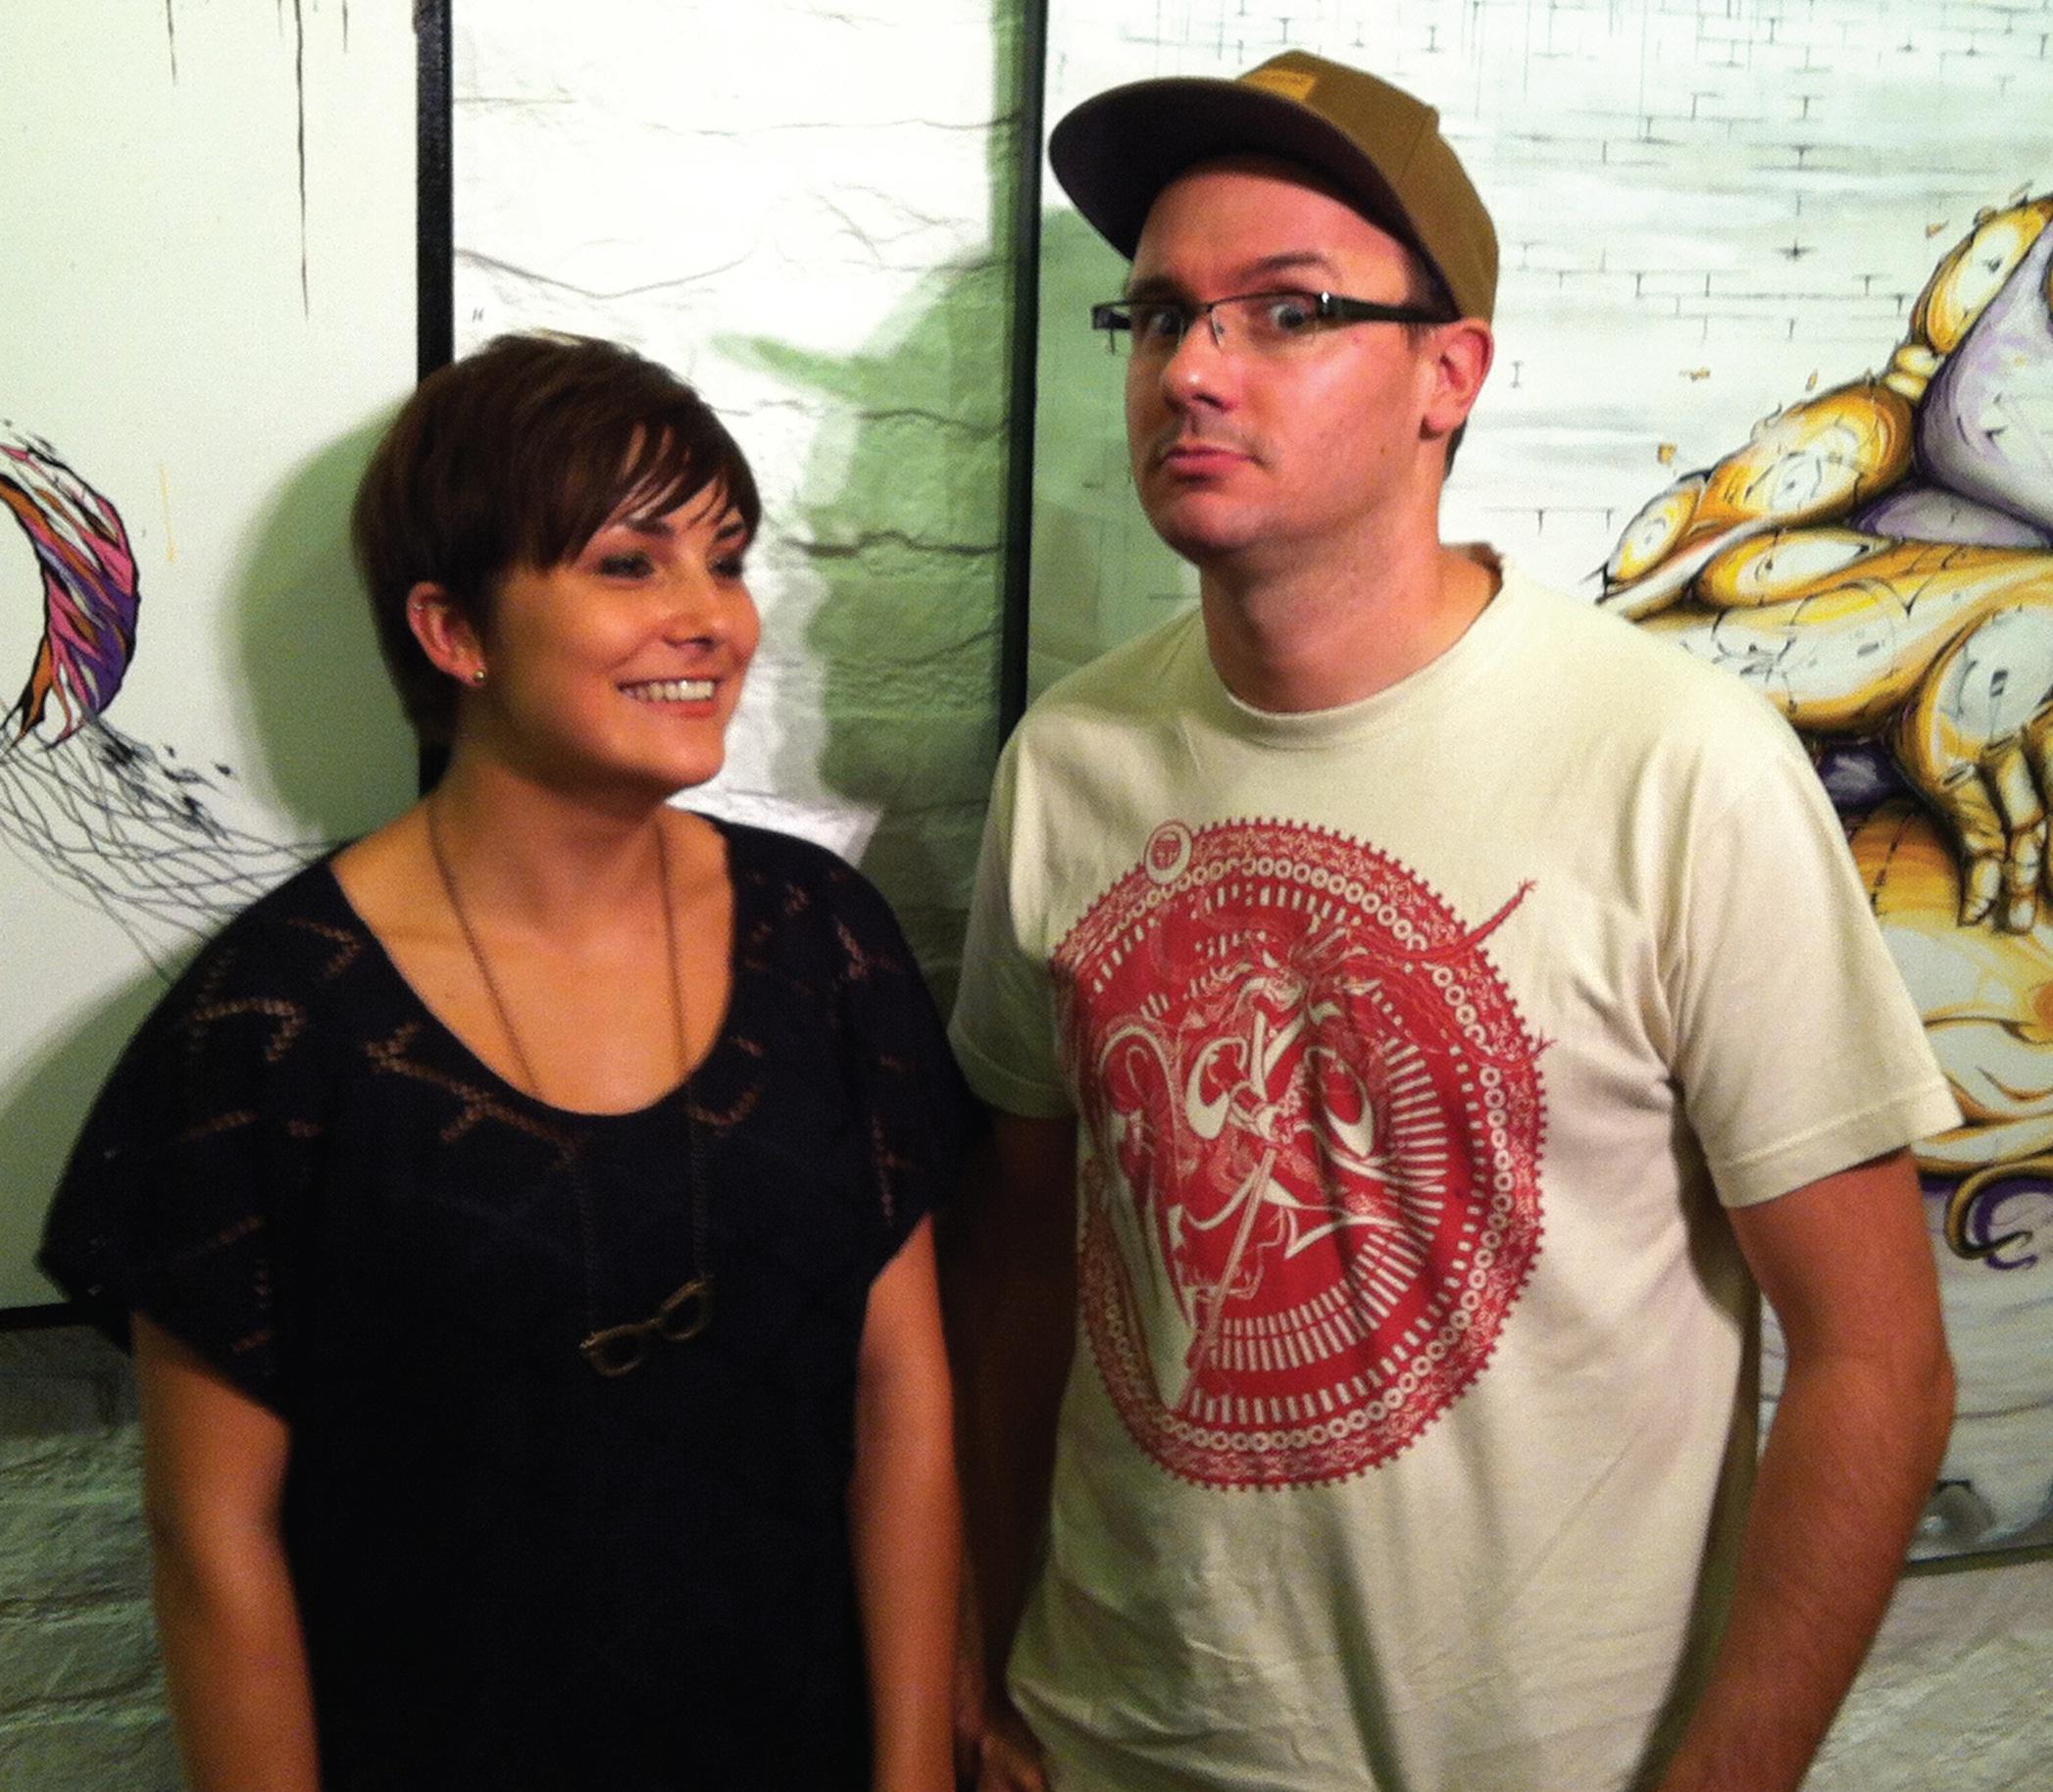 Le duo Missy et Rensone ouvre la saison 2012-2013 de la Galerie Bora-Baden à Nancy.